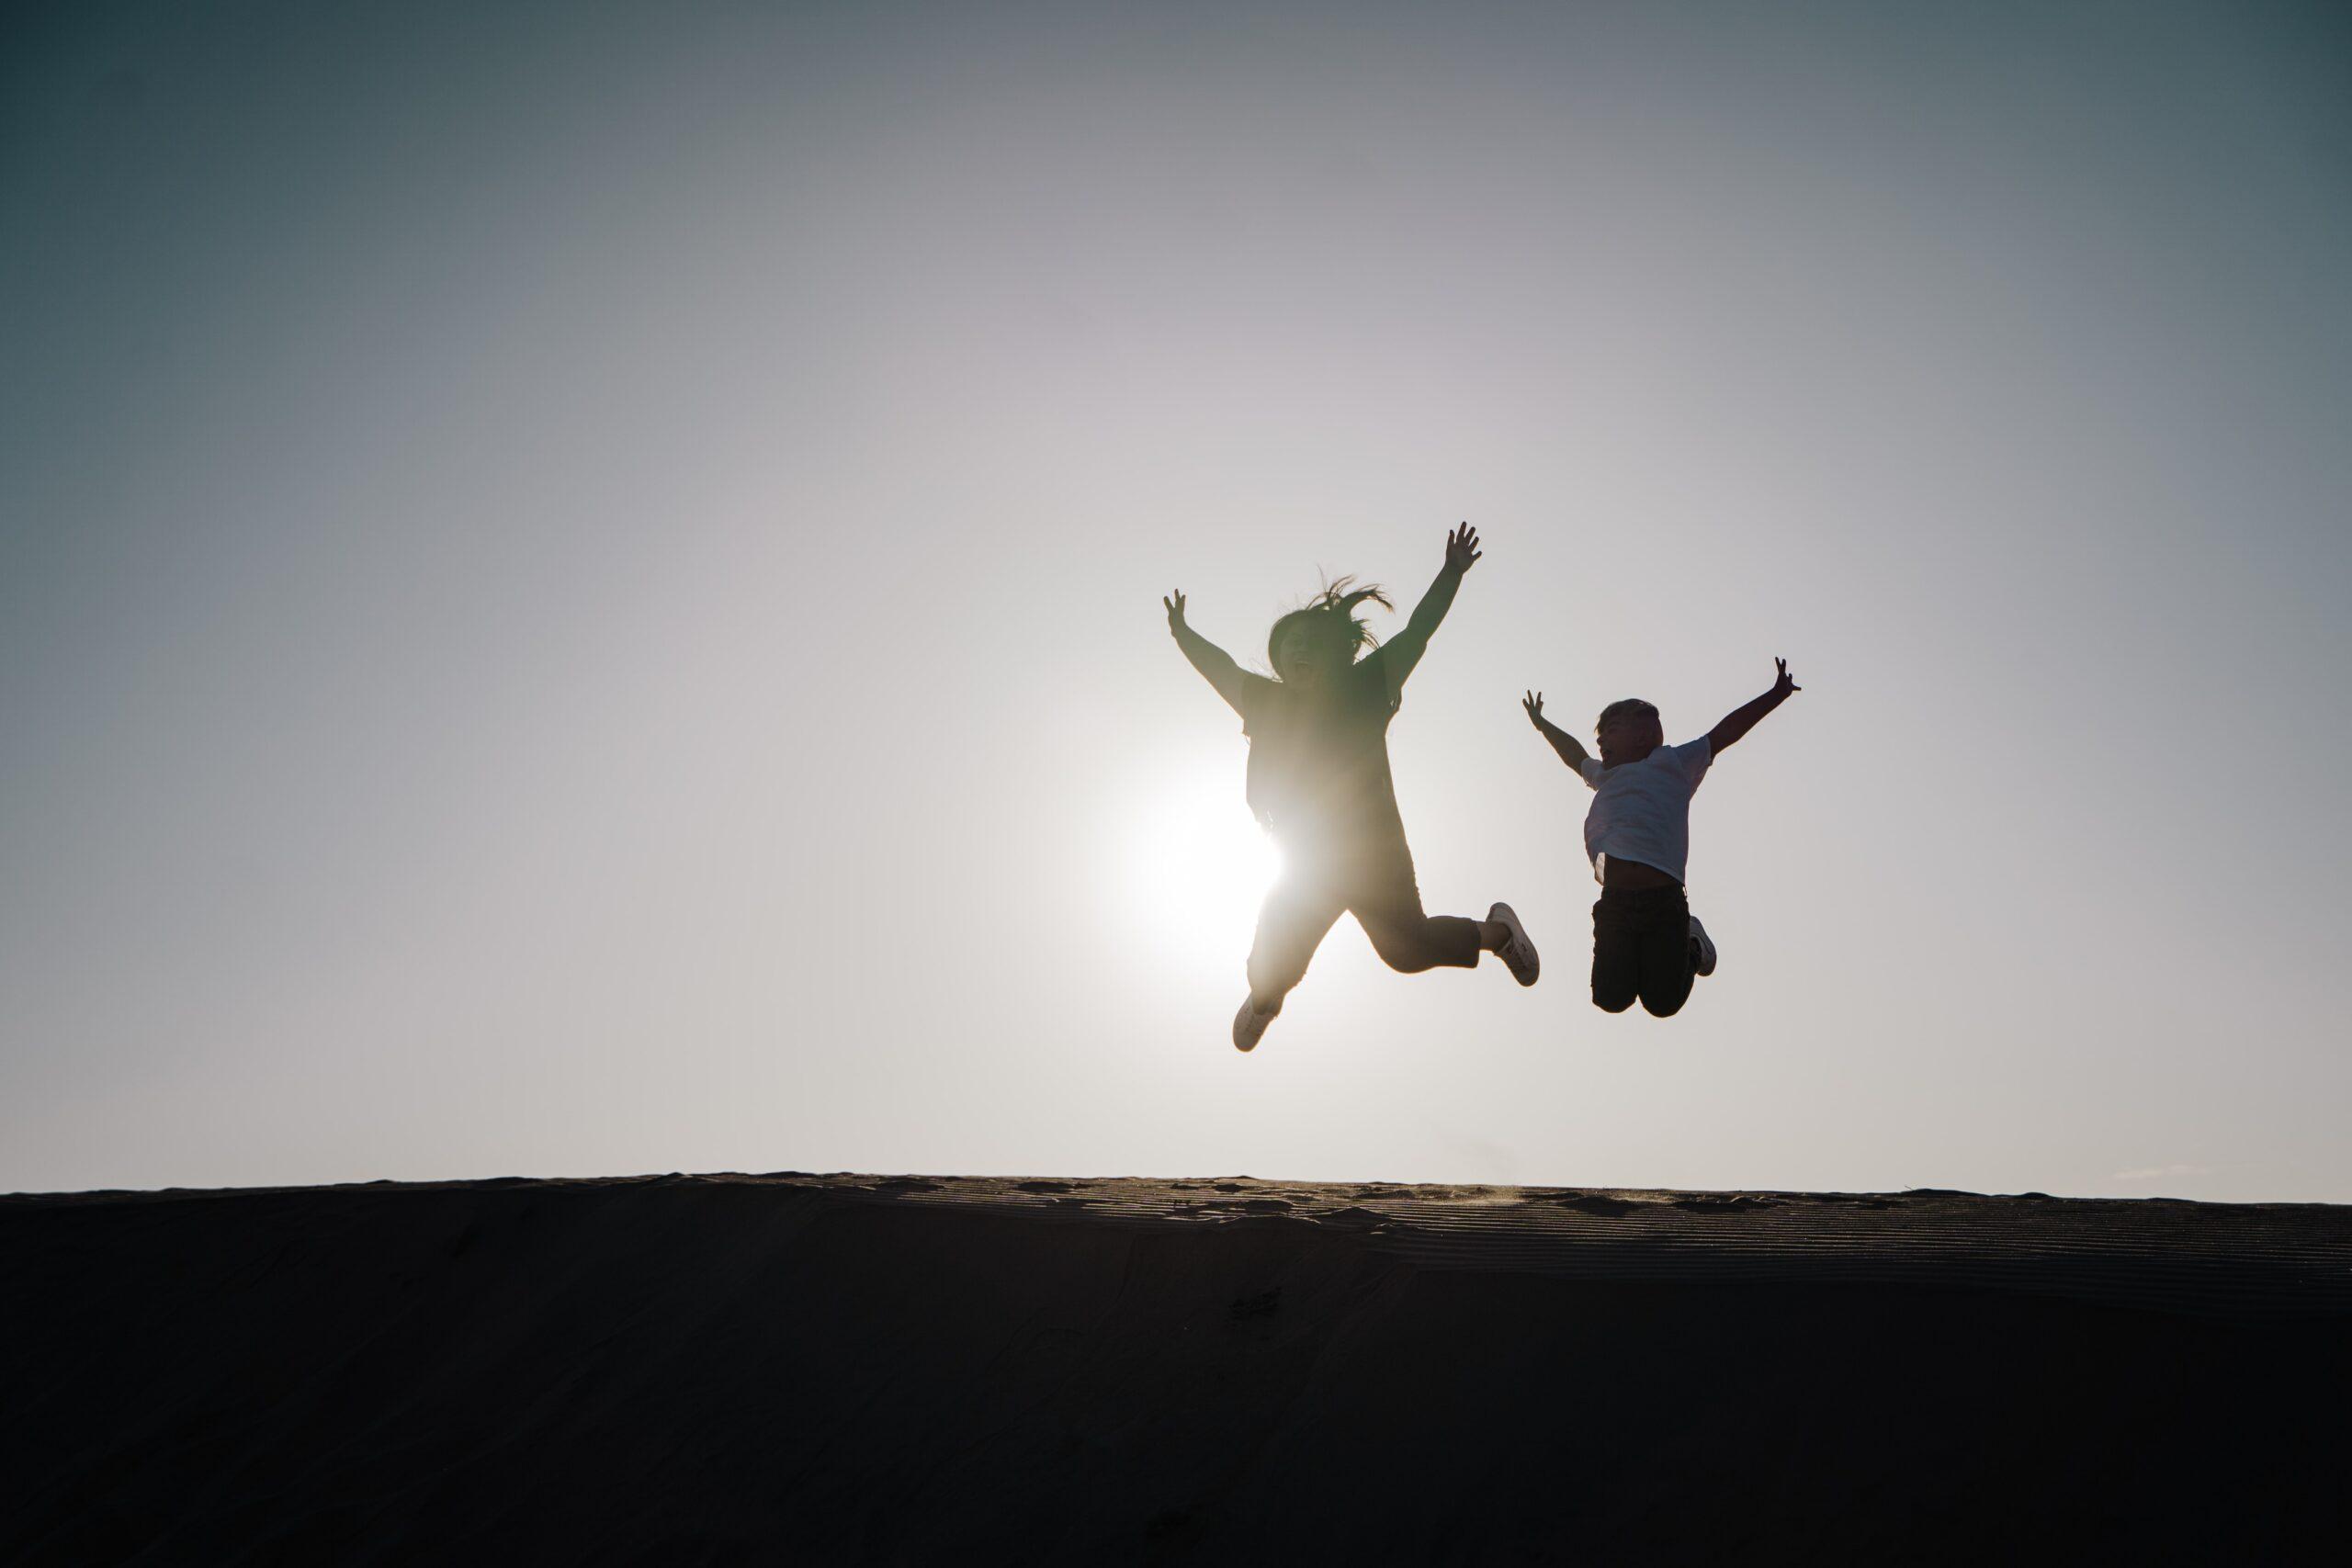 幸せは、掴むものなの?